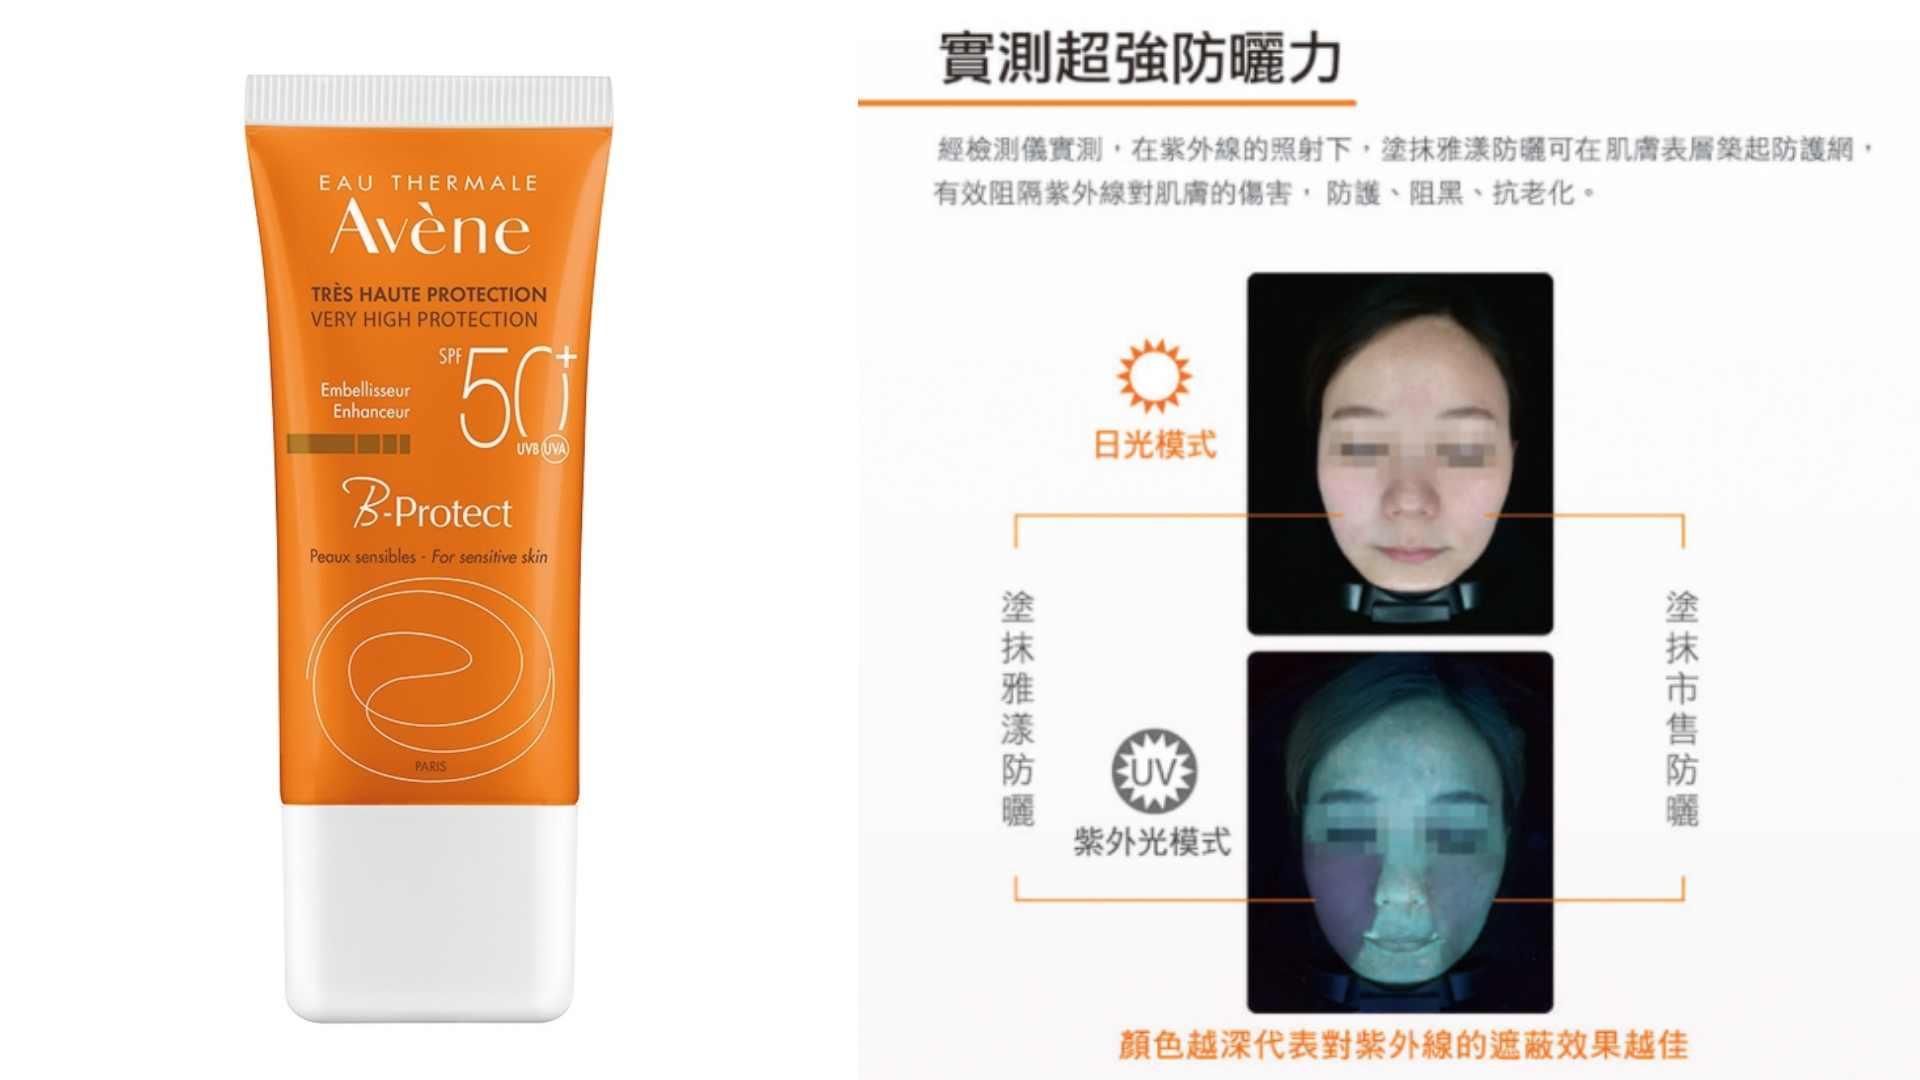 同時具有防曬、抗老、亮顏,三效合一的美肌素顏霜,質地一抹潤色,推薦妝前打底,妝感更透亮,而且還能隔離UVB/ UVA對肌膚的傷害,防曬黑防曬老!